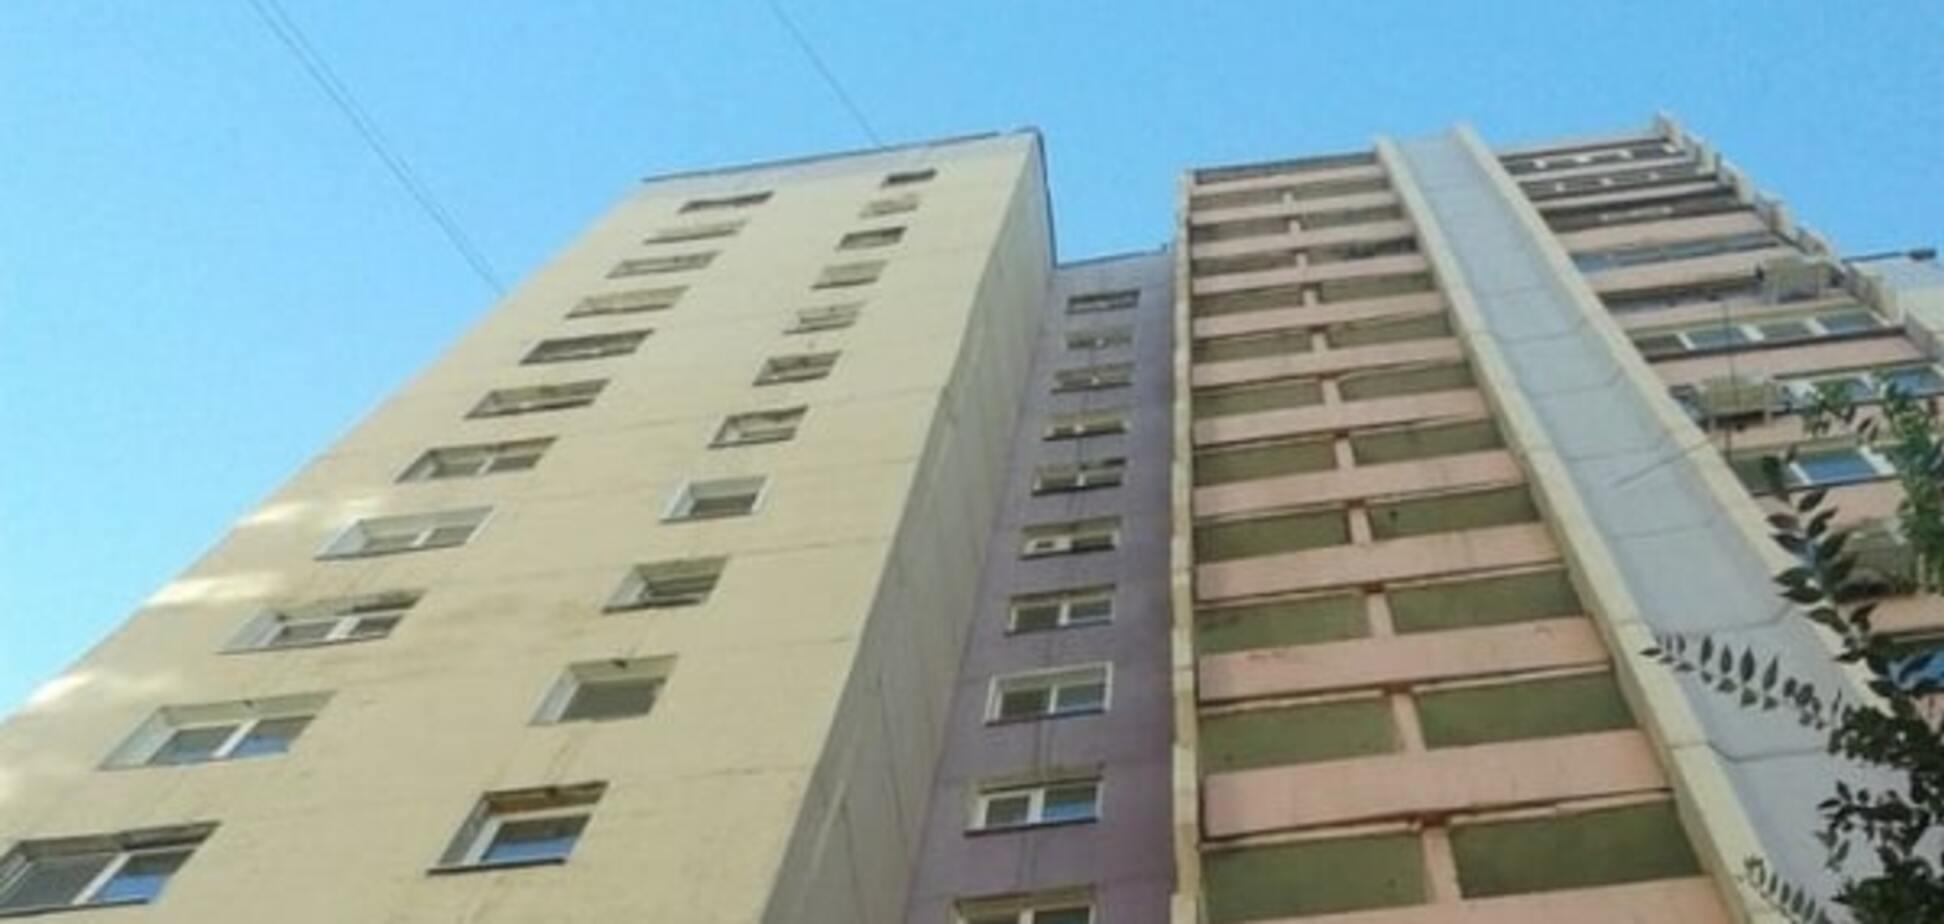 У Києві дівчина і пенсіонерка загинули, випавши з вікон багатоповерхівкок